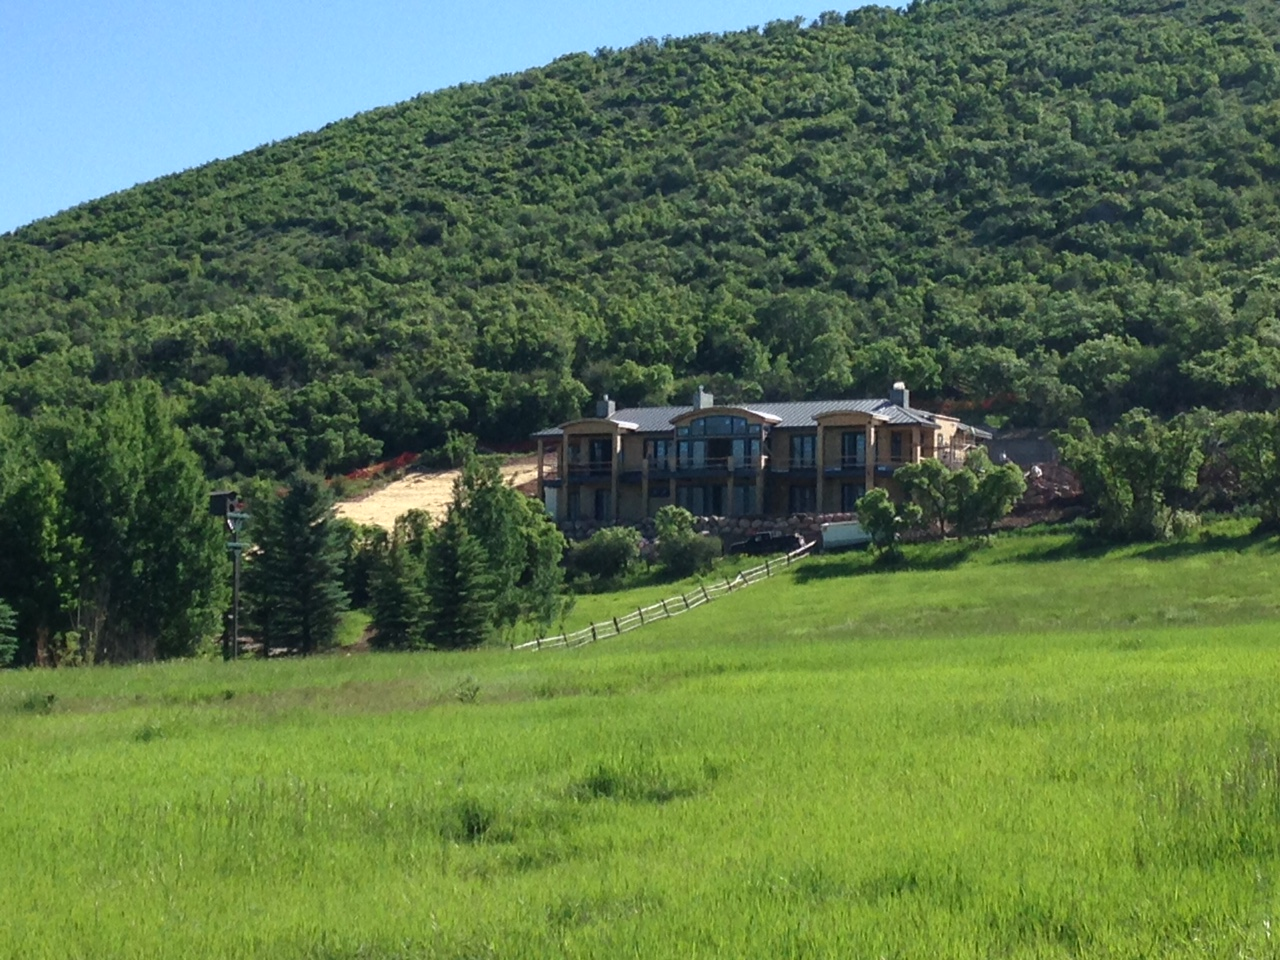 Maison unifamiliale pour l Vente à Brand New Custom Home TBD McLain Flats Road McLain Flats, Aspen, Colorado 81611 États-Unis